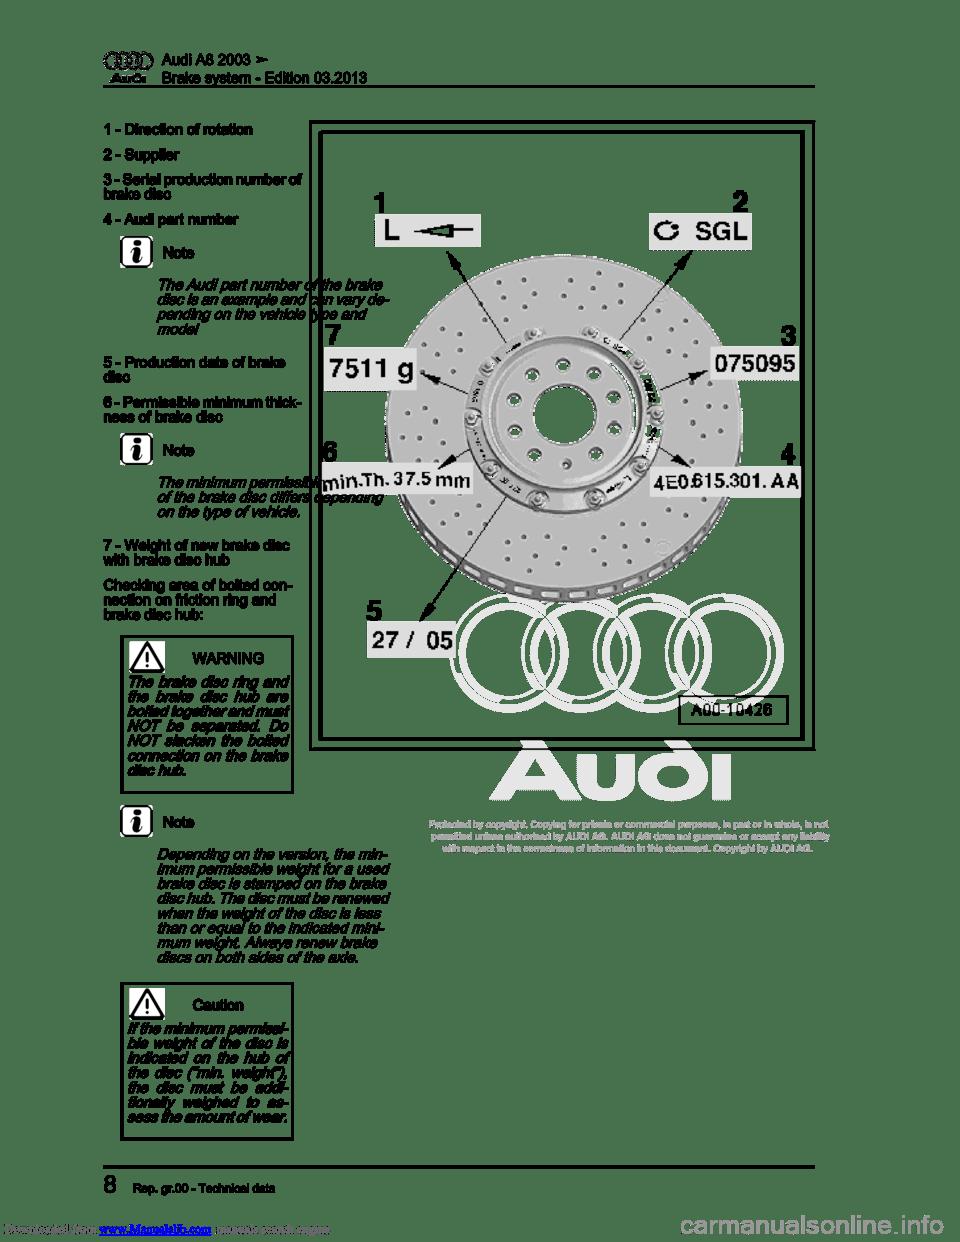 AUDI A8 2003 D3 / 2.G Brake System Workshop Manual